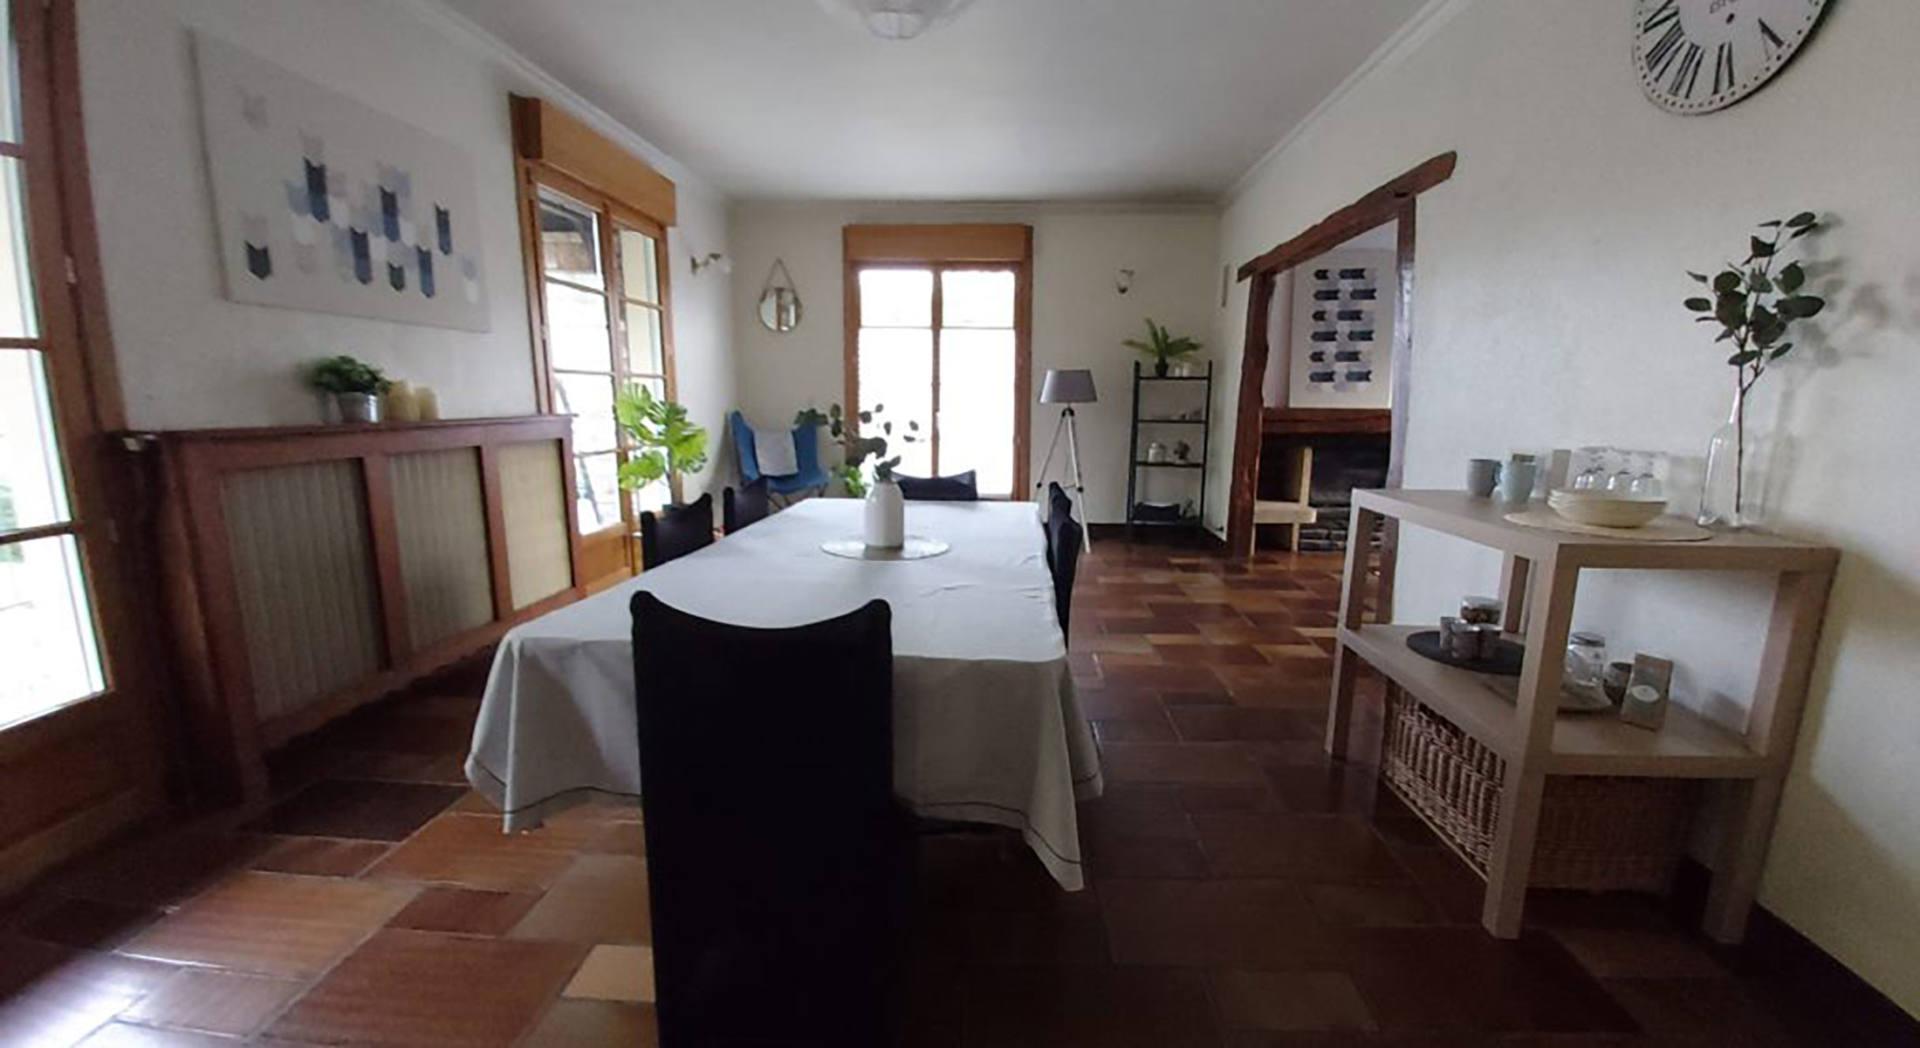 Aménagement et décoration de salle à manger